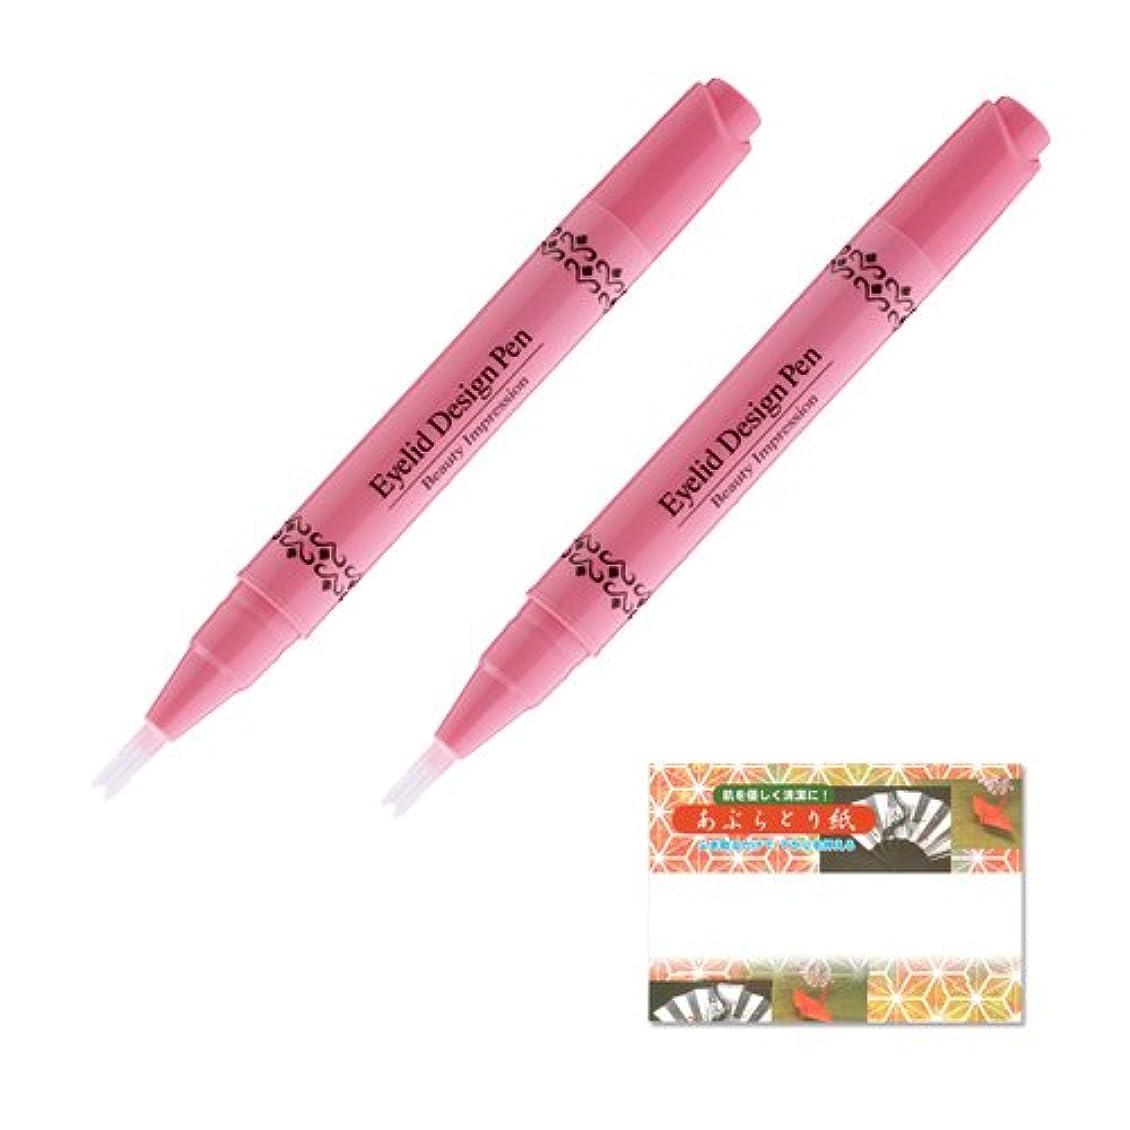 ペインギリックキリスト慎重Beauty Impression アイリッドデザインペン 2ml (二重まぶた形成化粧品) ×2組 油取り紙のセット